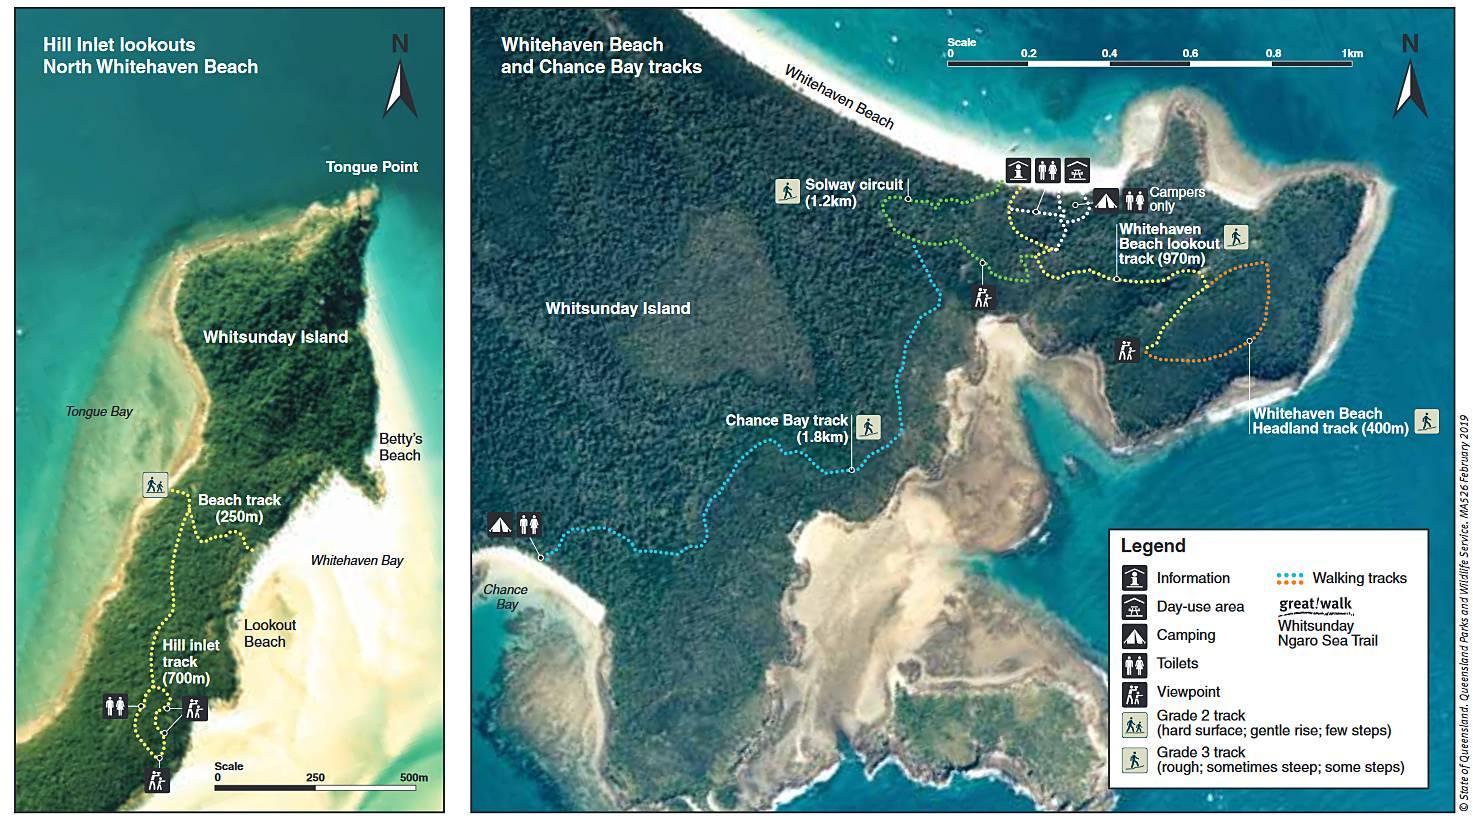 澳洲-聖靈群島-白天堂沙灘-白天堂海灘-景點-推薦-攻略-交通-自由行-遊記-必玩-必去-必遊-行程-一日遊-半日遊-旅遊-Whitsundays-Whitehaven-Beach-地圖-Map